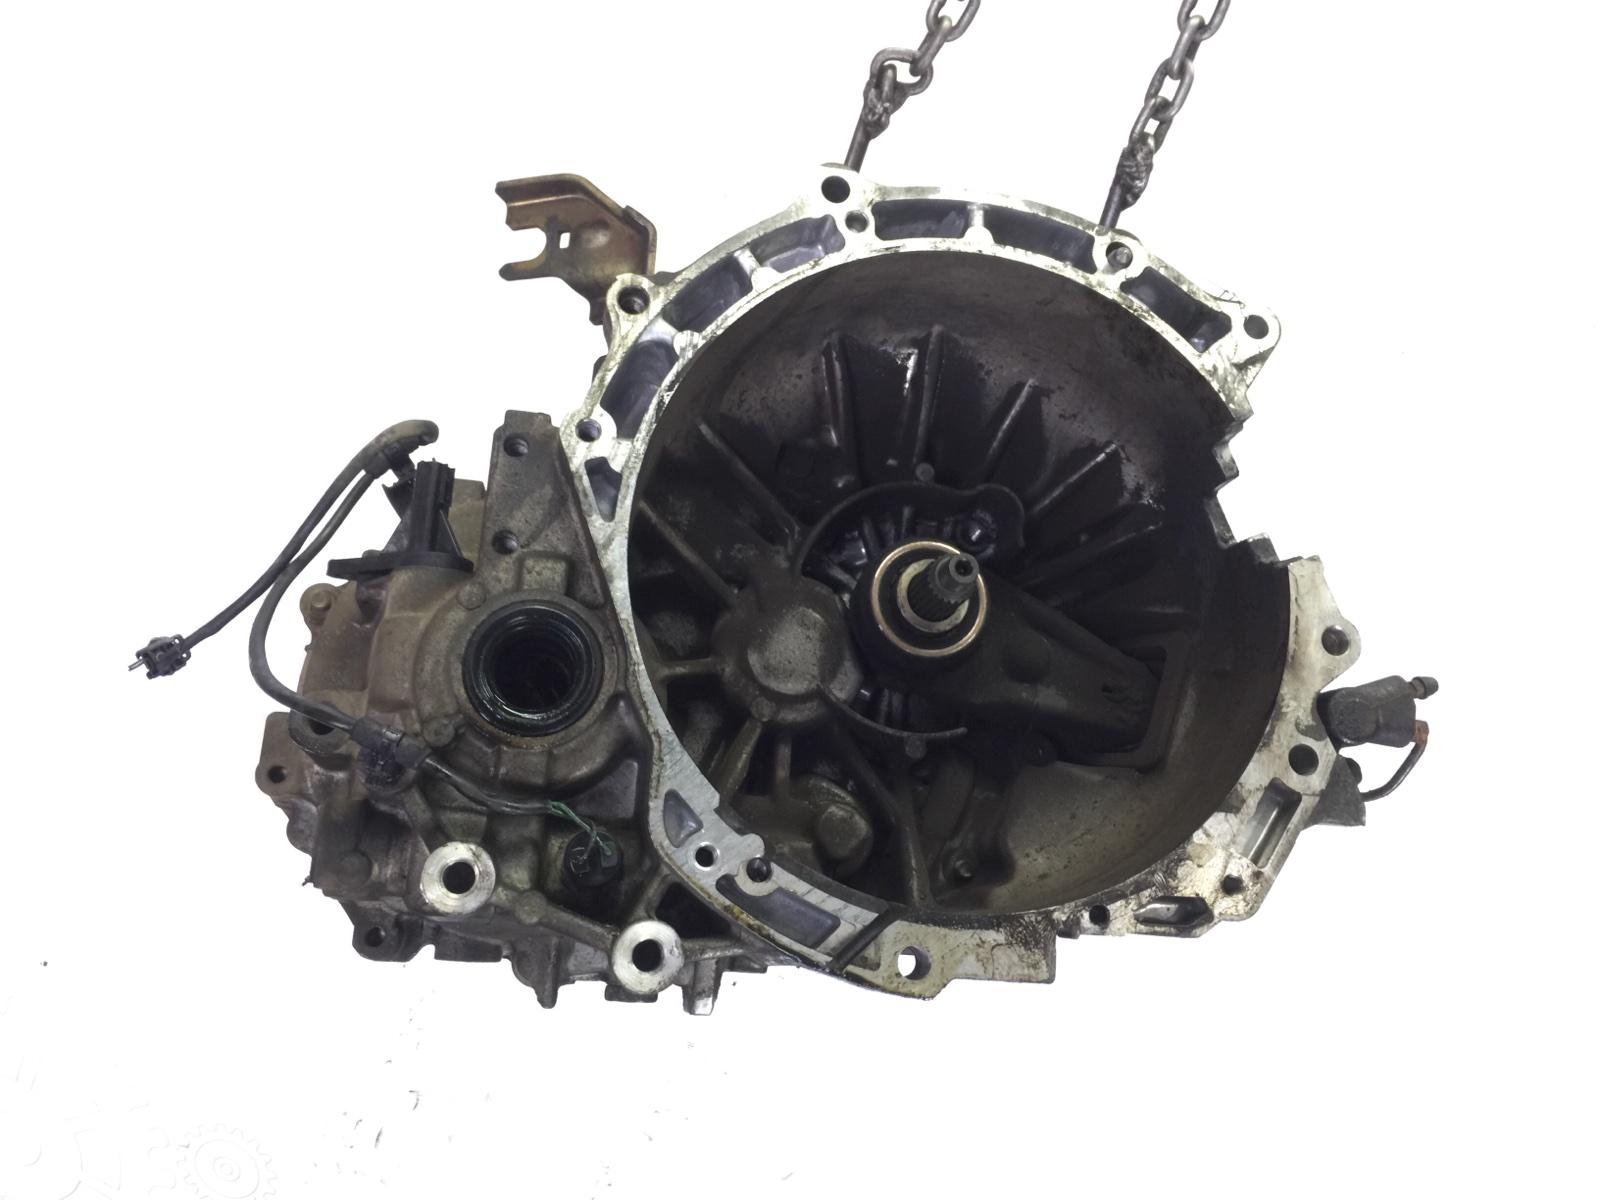 Кпп механическая (мкпп) Mazda 6 2.0 I 2005 (б/у)